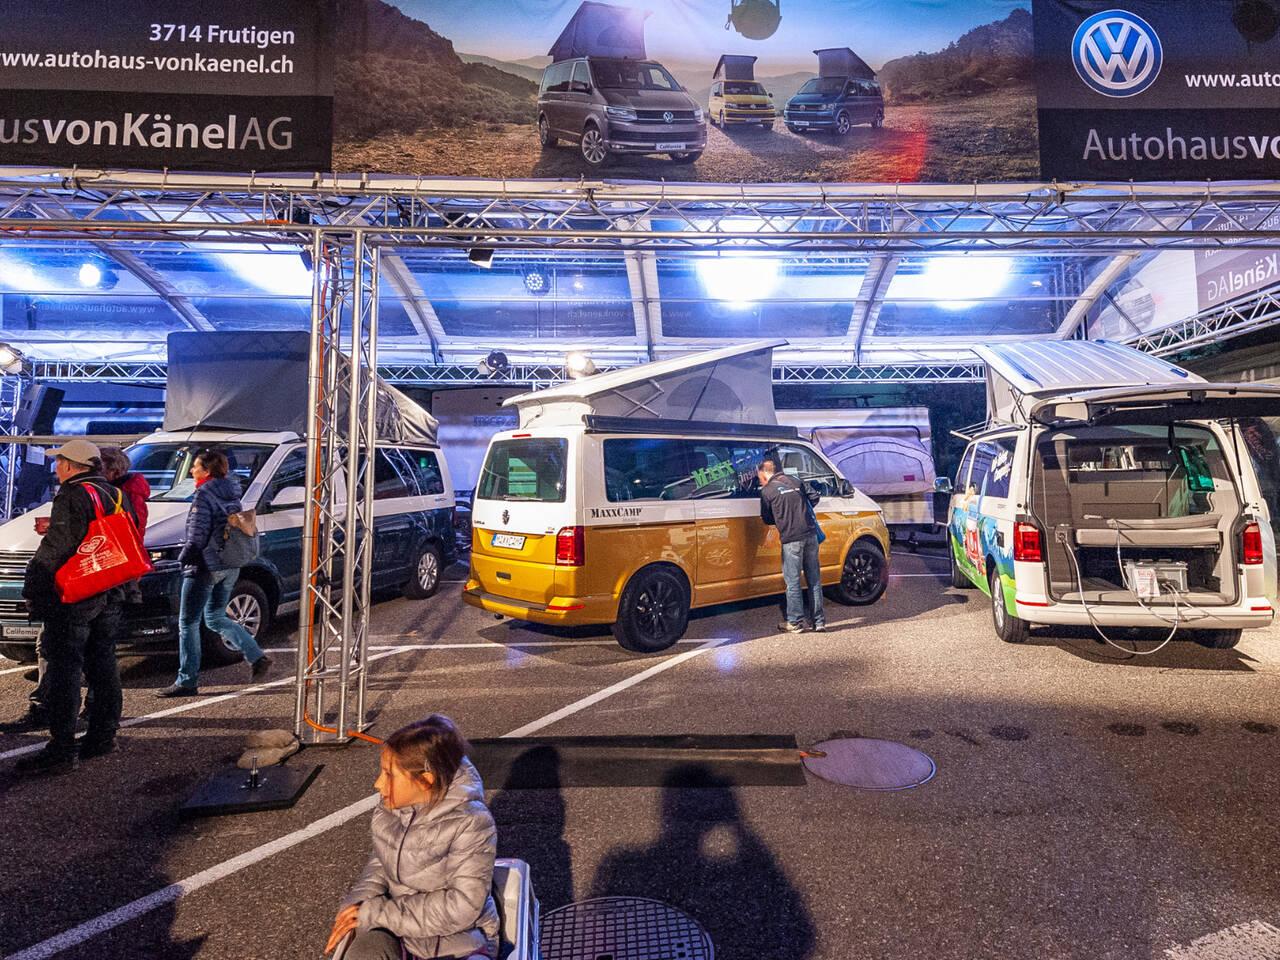 Meldung: Unser Stand am Caravan Salon Bern - Autohaus von ...